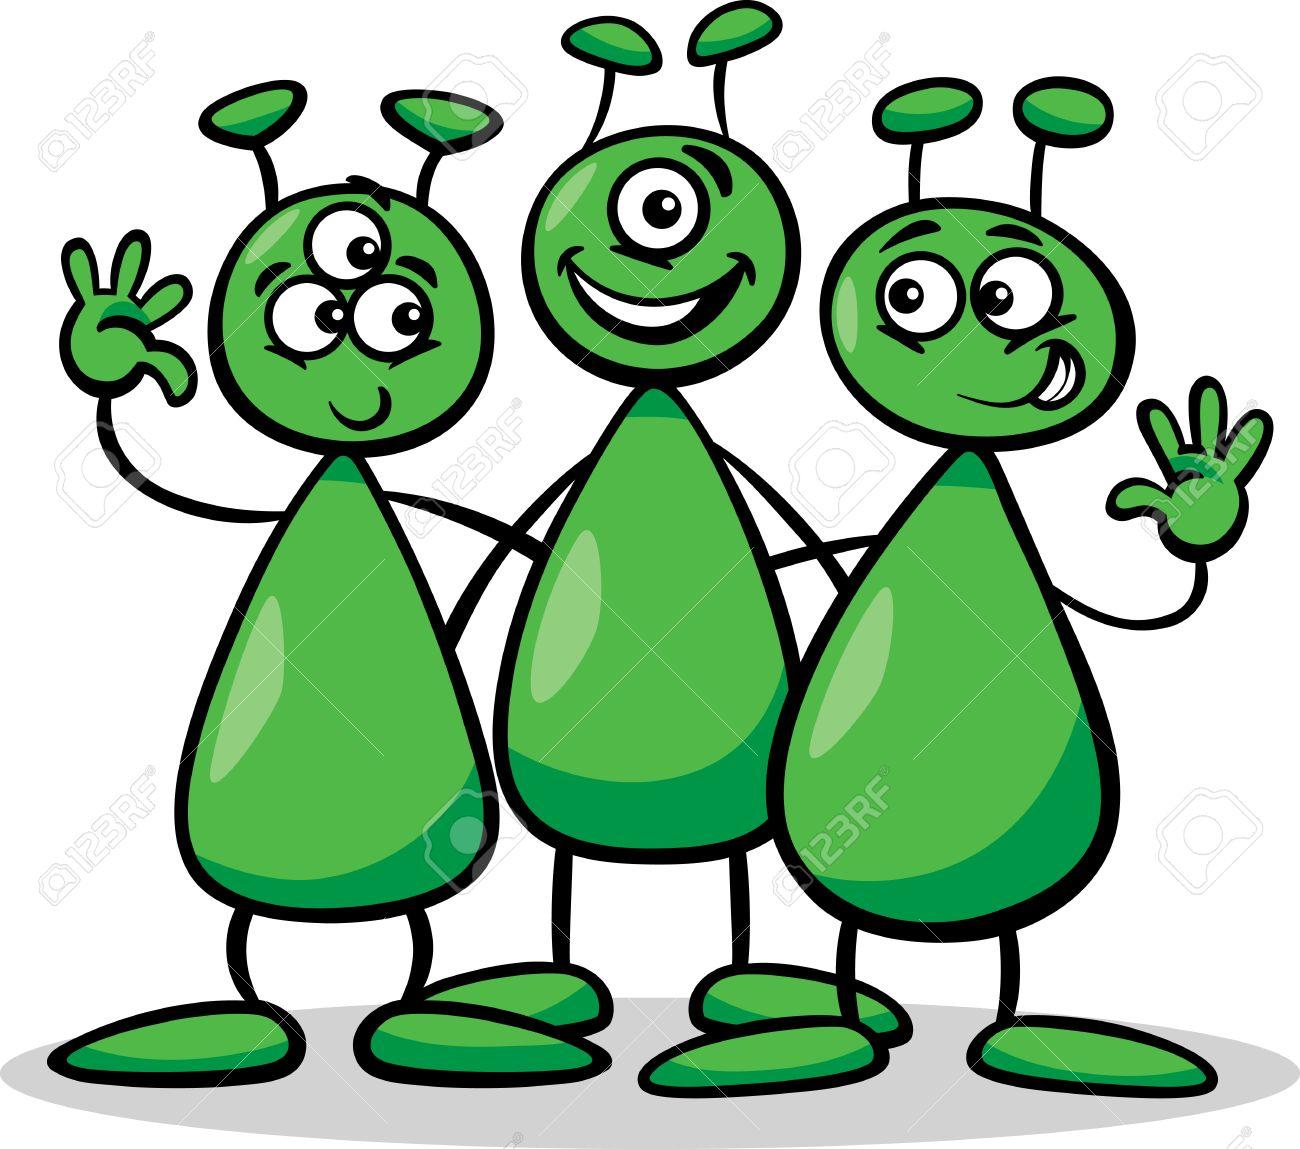 20483538-Illustration-de-bande-dessin-e-de-trois-trangers-dr-les-ou-Martiens-dessin-es-Personnages-Banque-d%27images